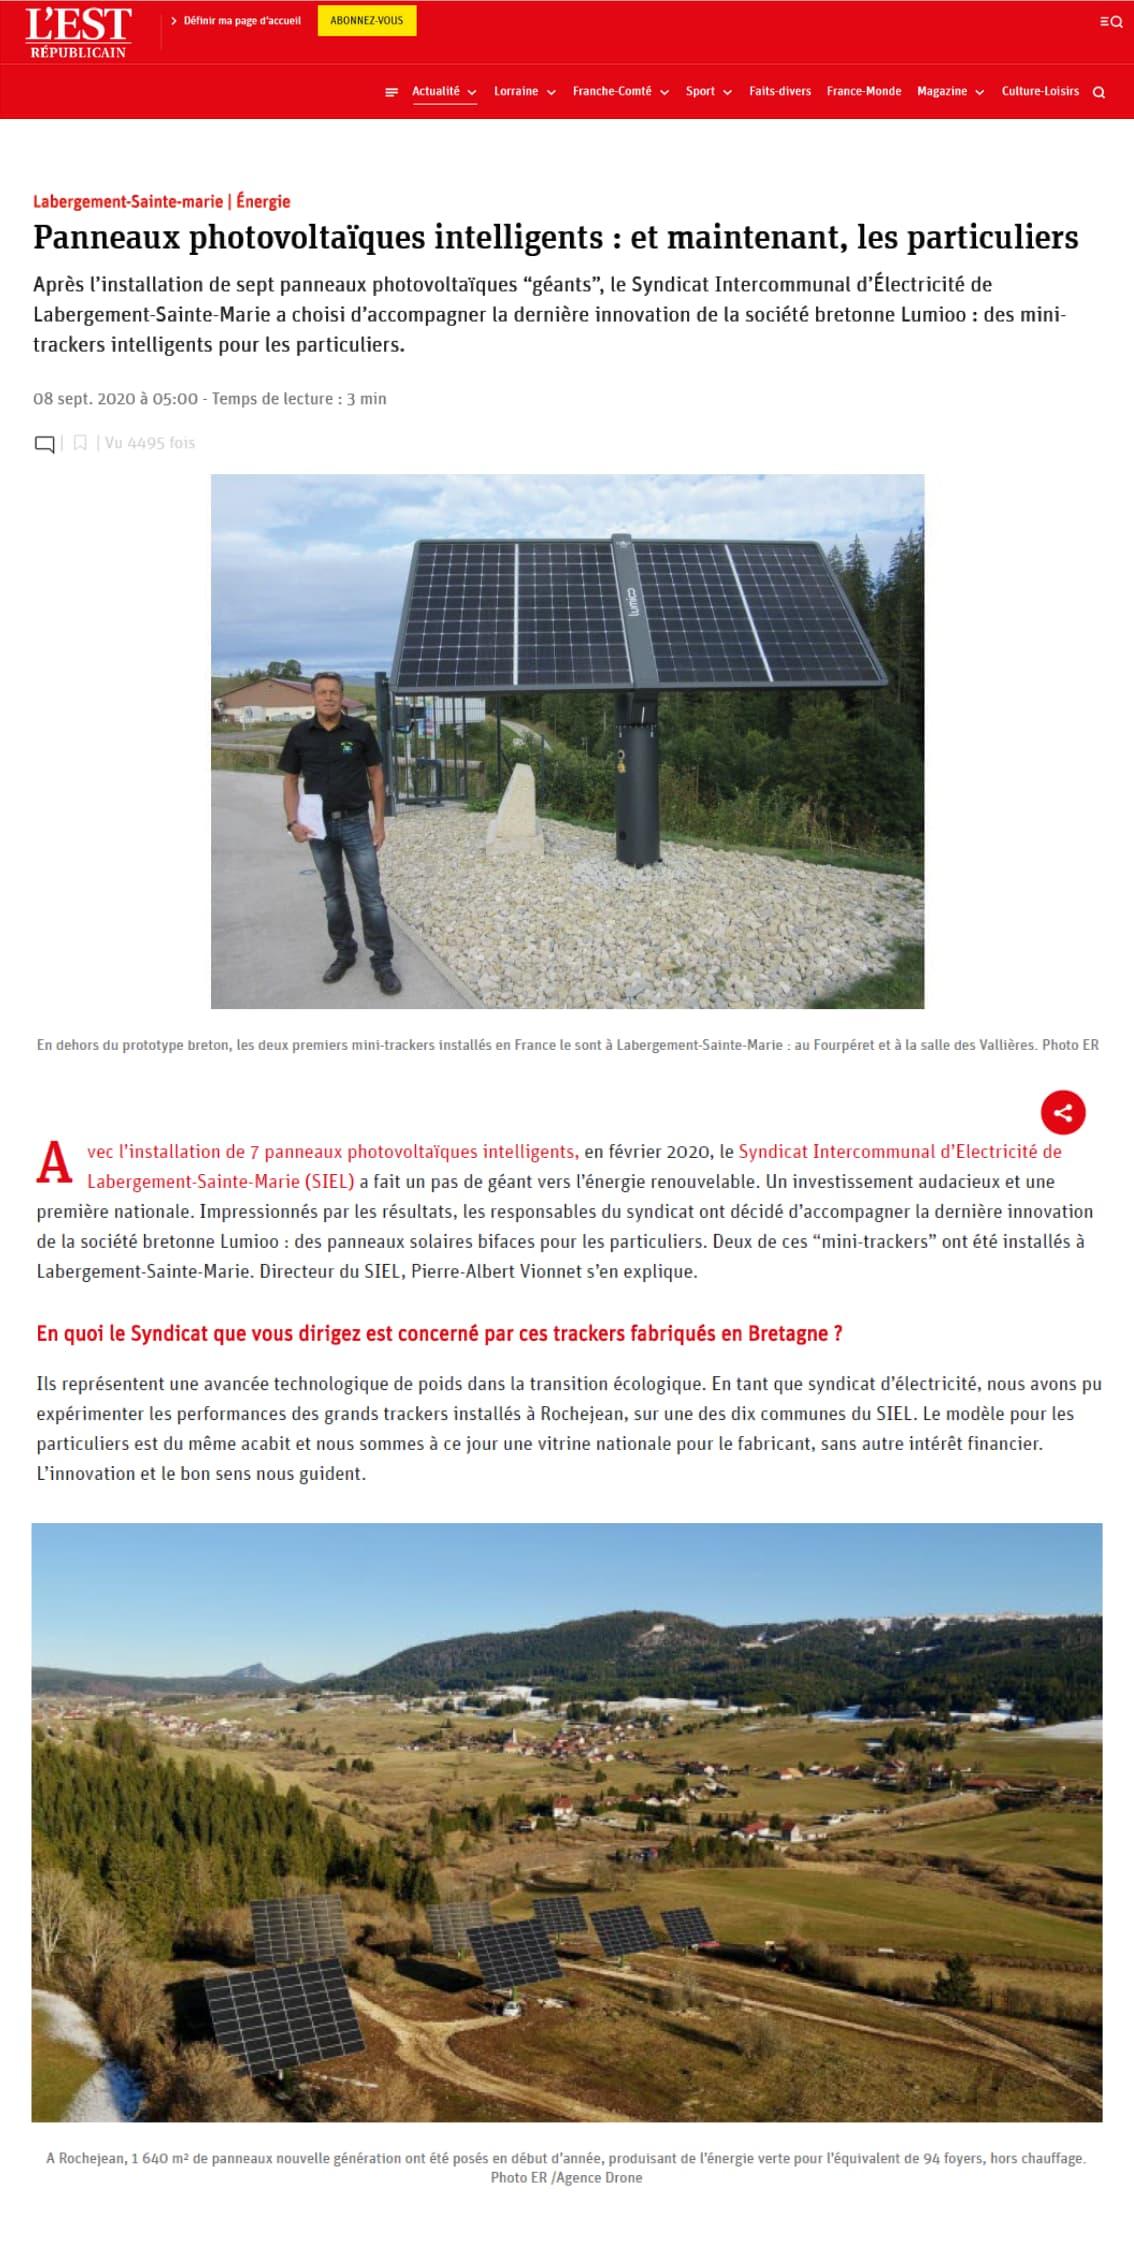 Les panneaux solaires intelligents Lumioo dans l'Est Républicain